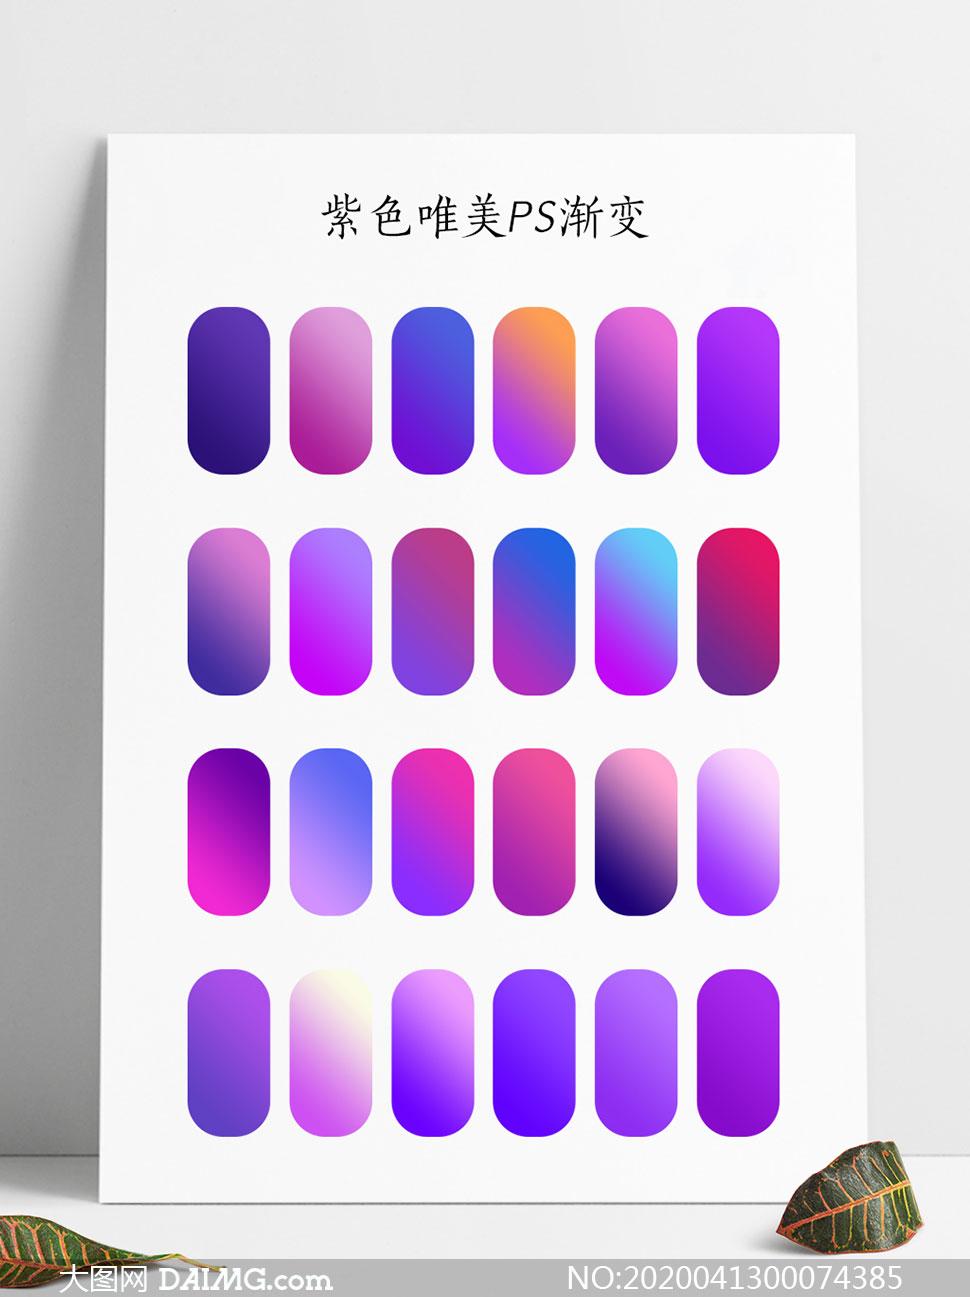 梦幻紫色调PS渐变